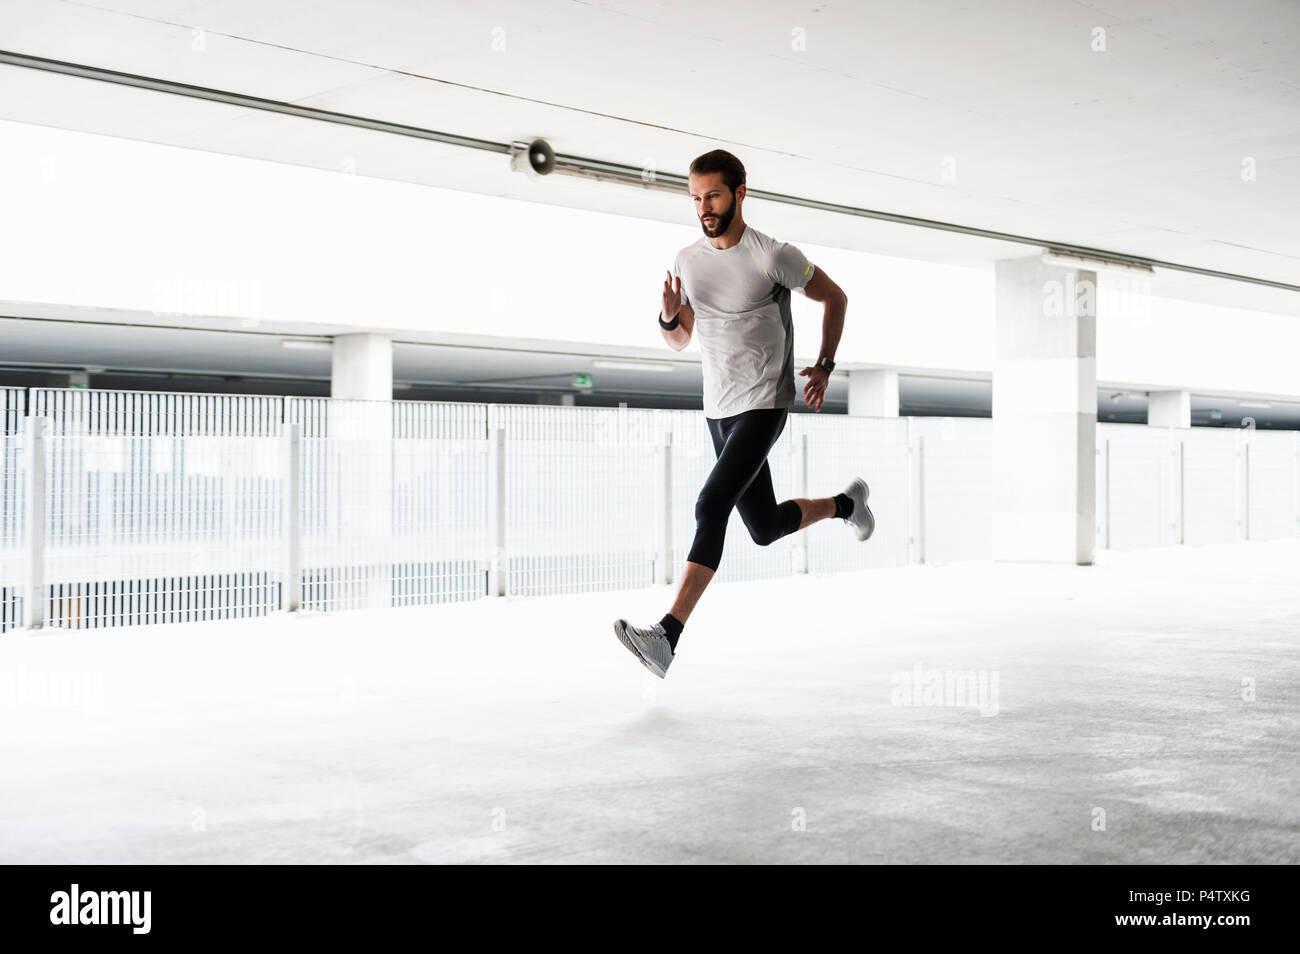 Man running in parking garage - Stock Image